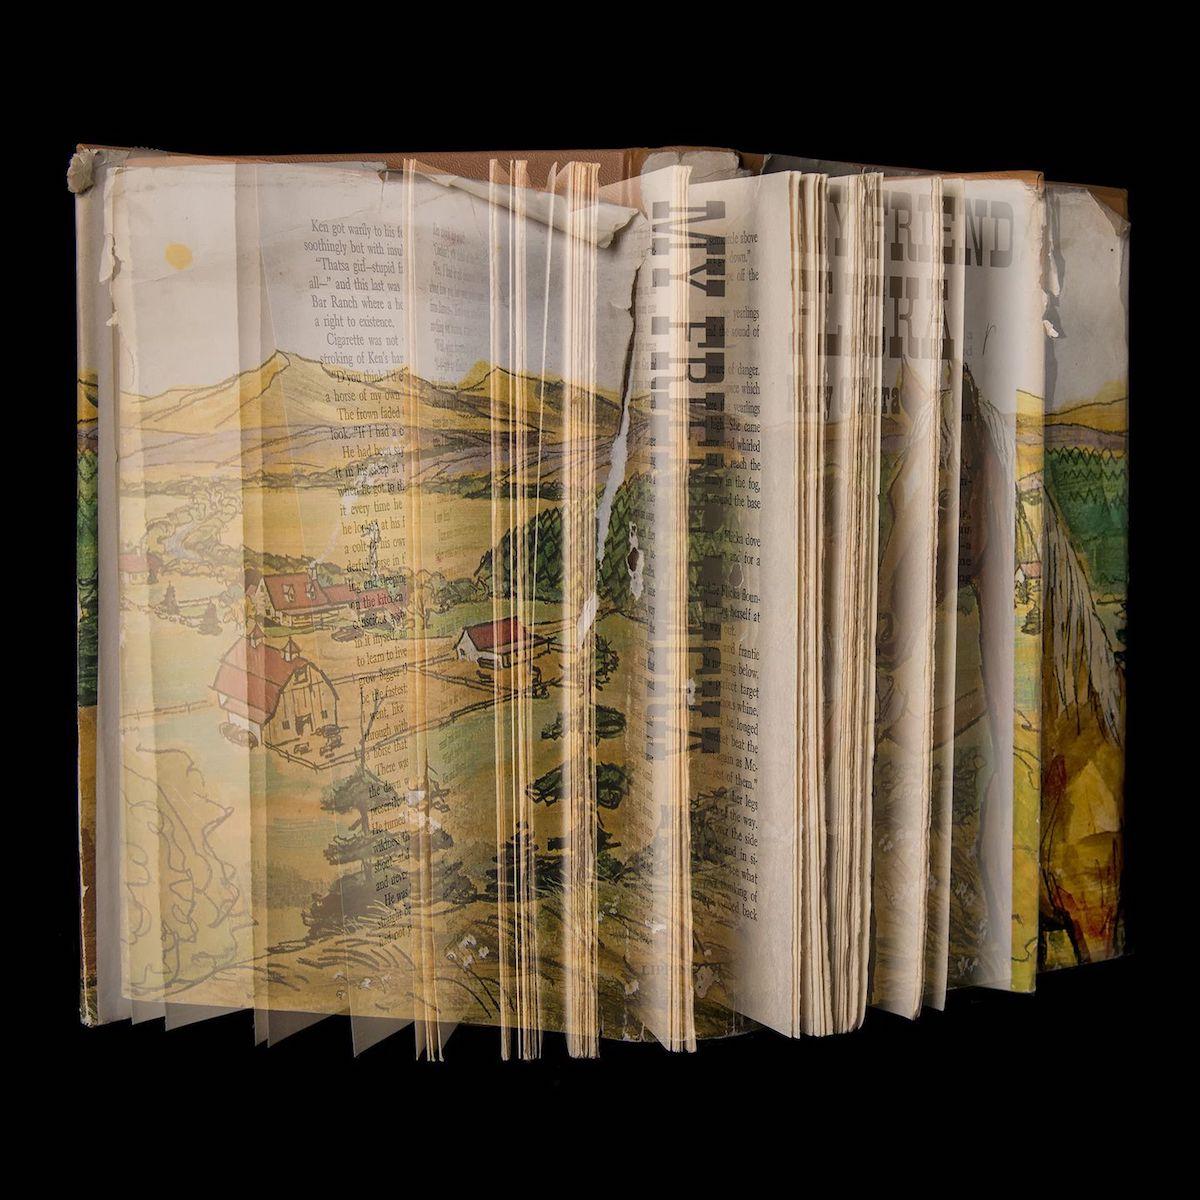 Fotos de libros para niños de Ellen Cantor